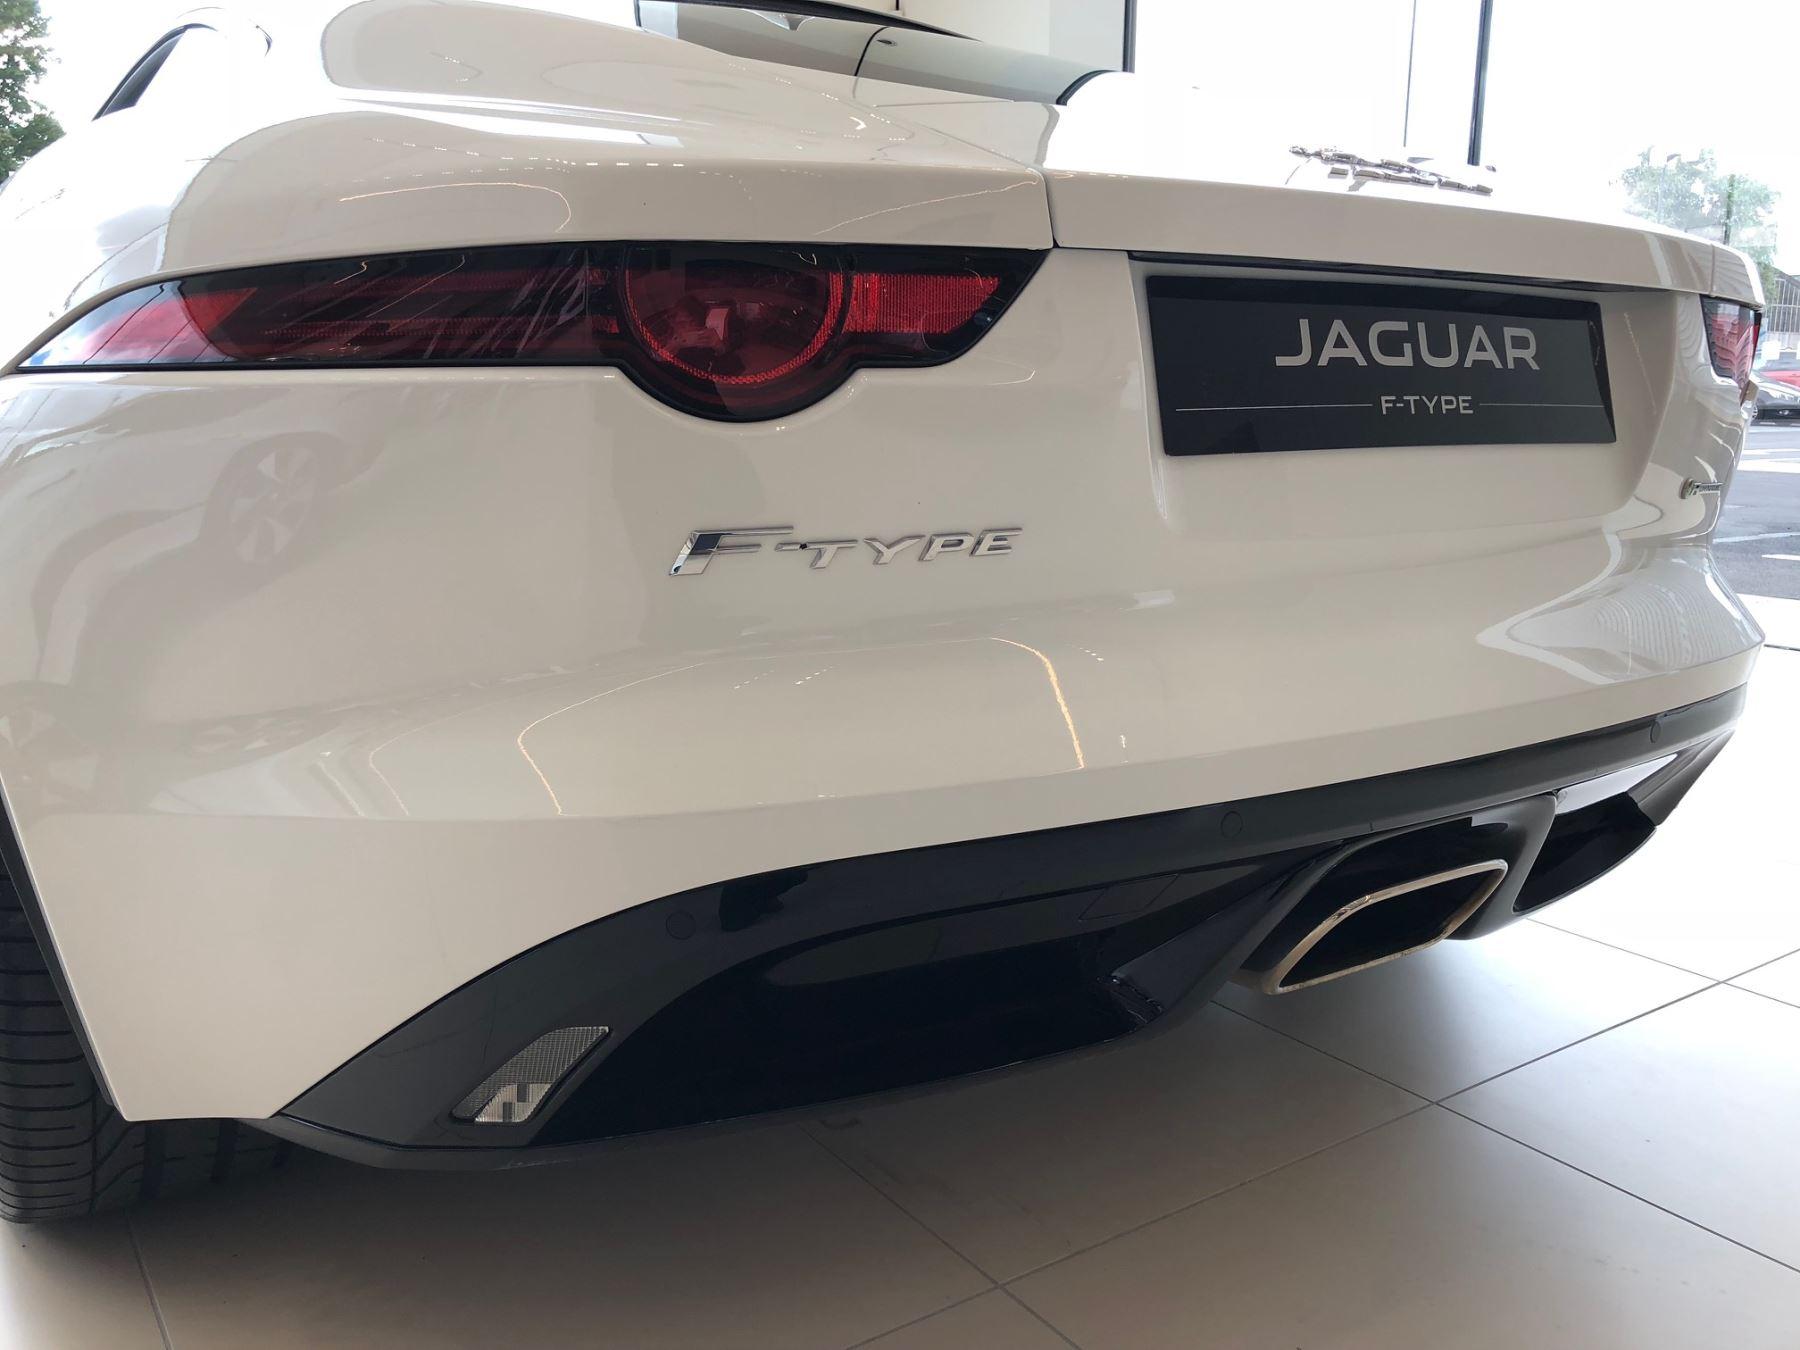 Jaguar F-TYPE 3.0 Supercharged V6 R-Dynamic image 8